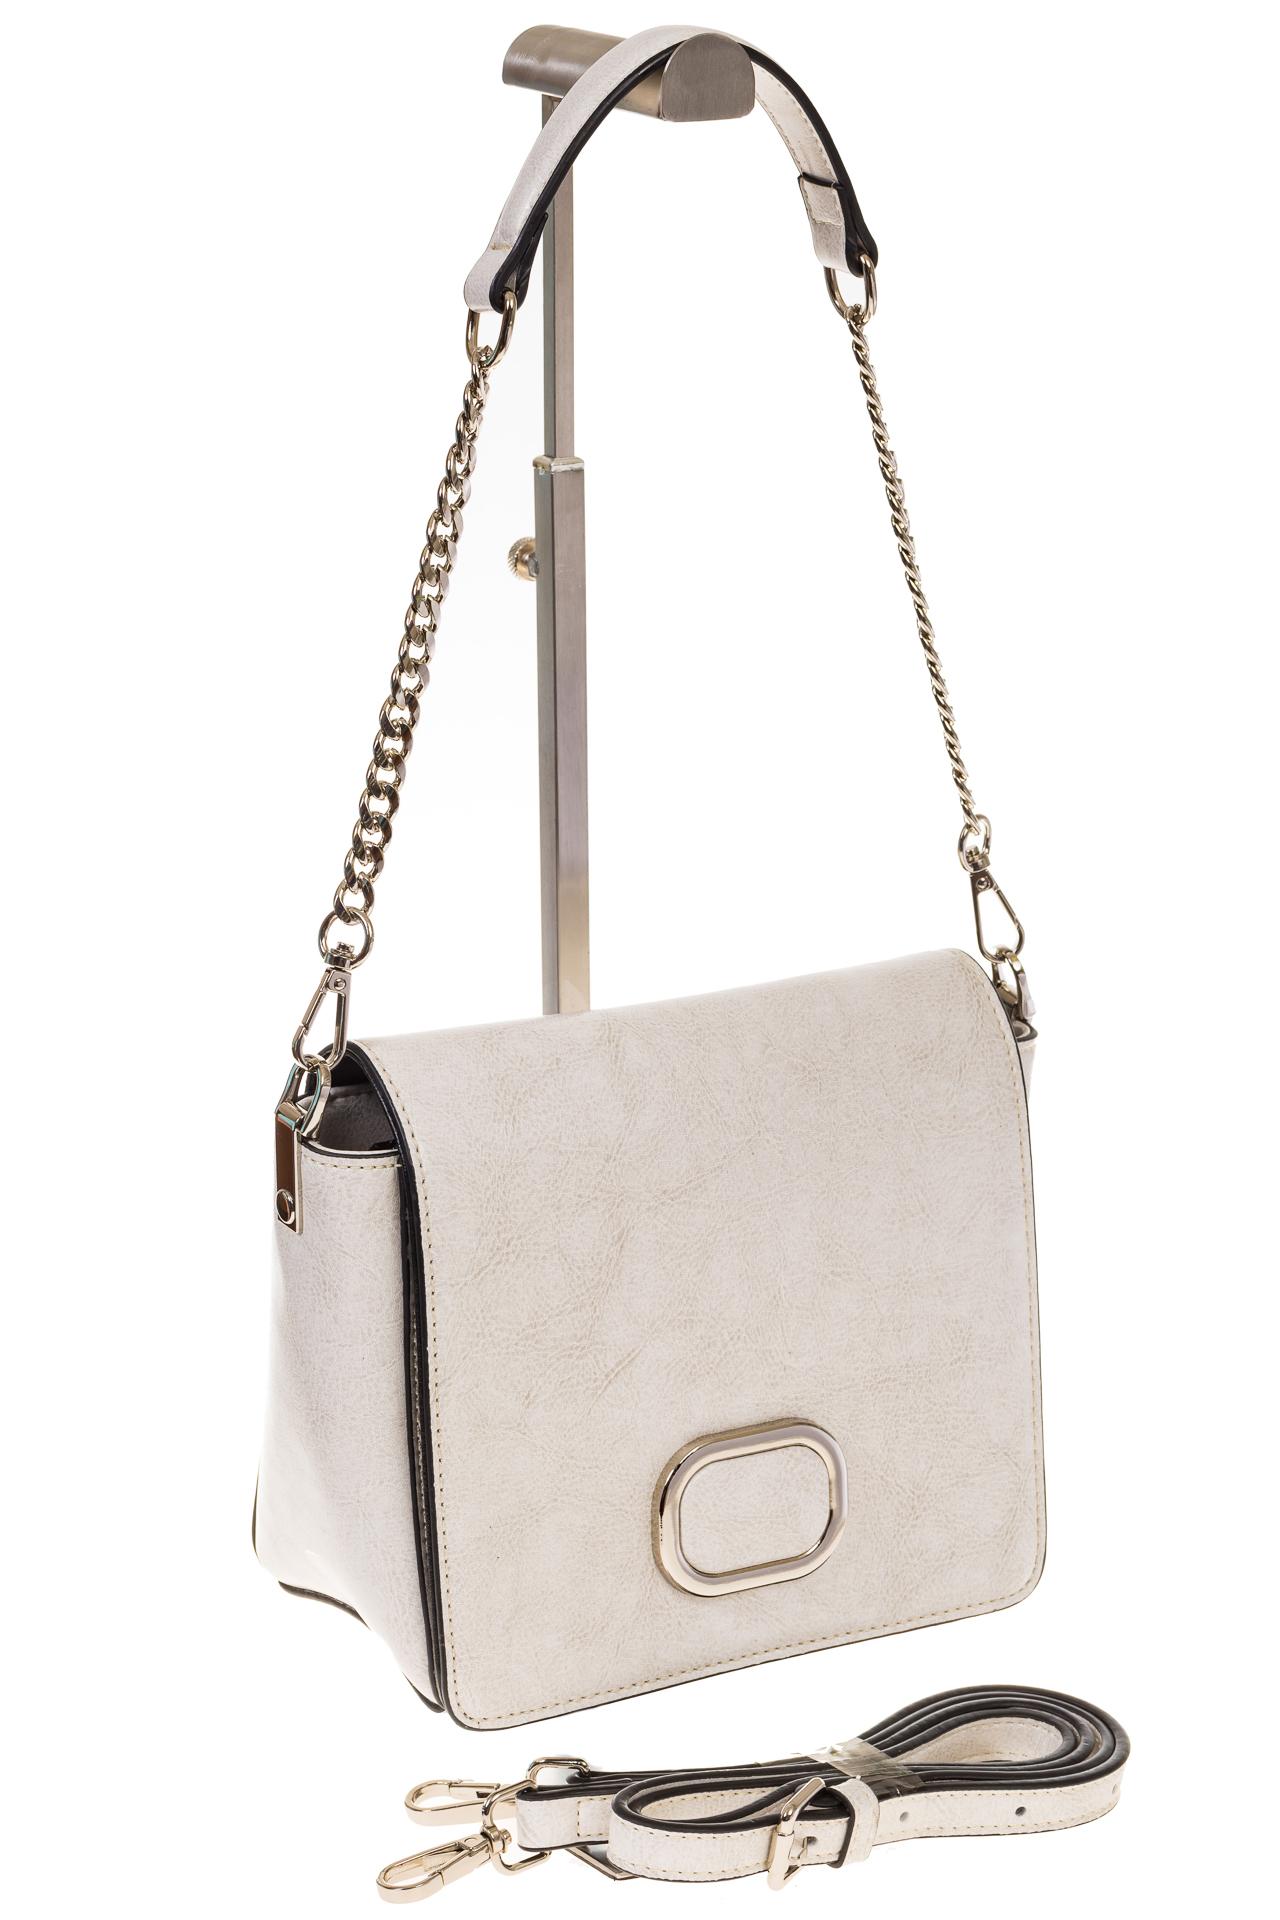 на фото Saddle bag из натуральной кожи белого цвета 8987MK5